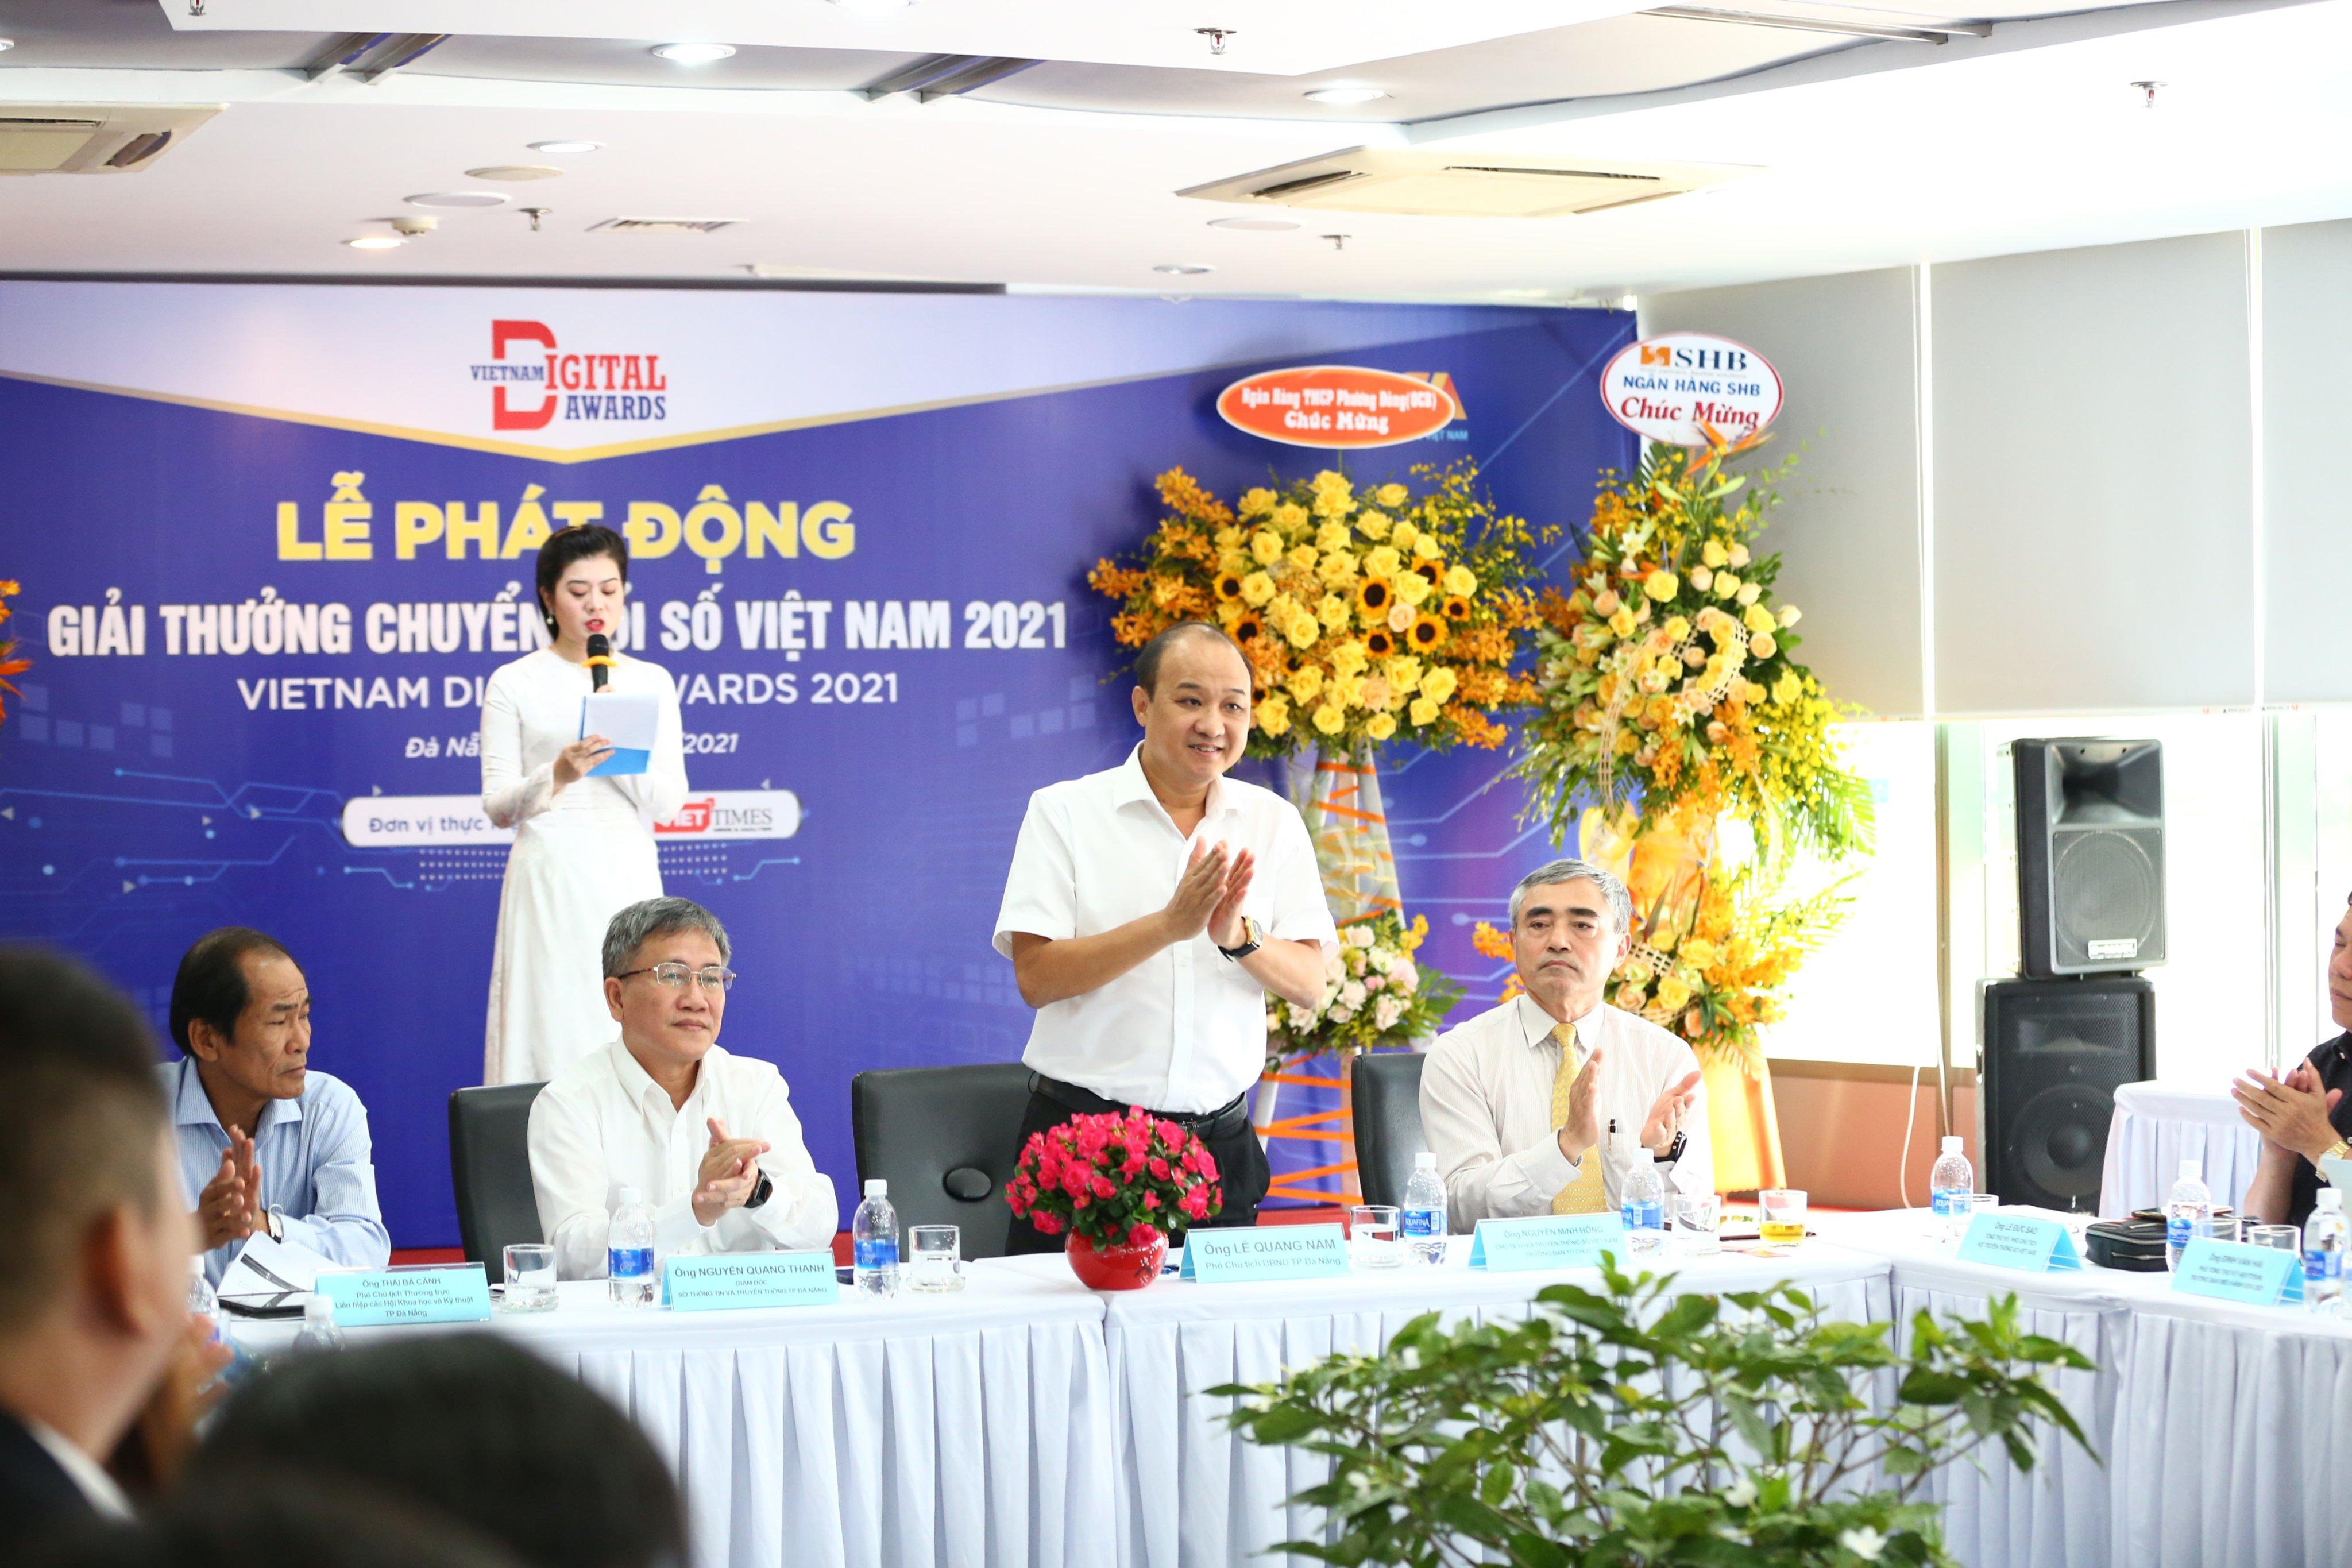 Ông Lê Quang Nam, Phó Chủ tịch UBND thành phố Đà Nẵng phát biểu tại Lễ phát động Giải thưởng Chuyển đổi số Việt Nam 2021